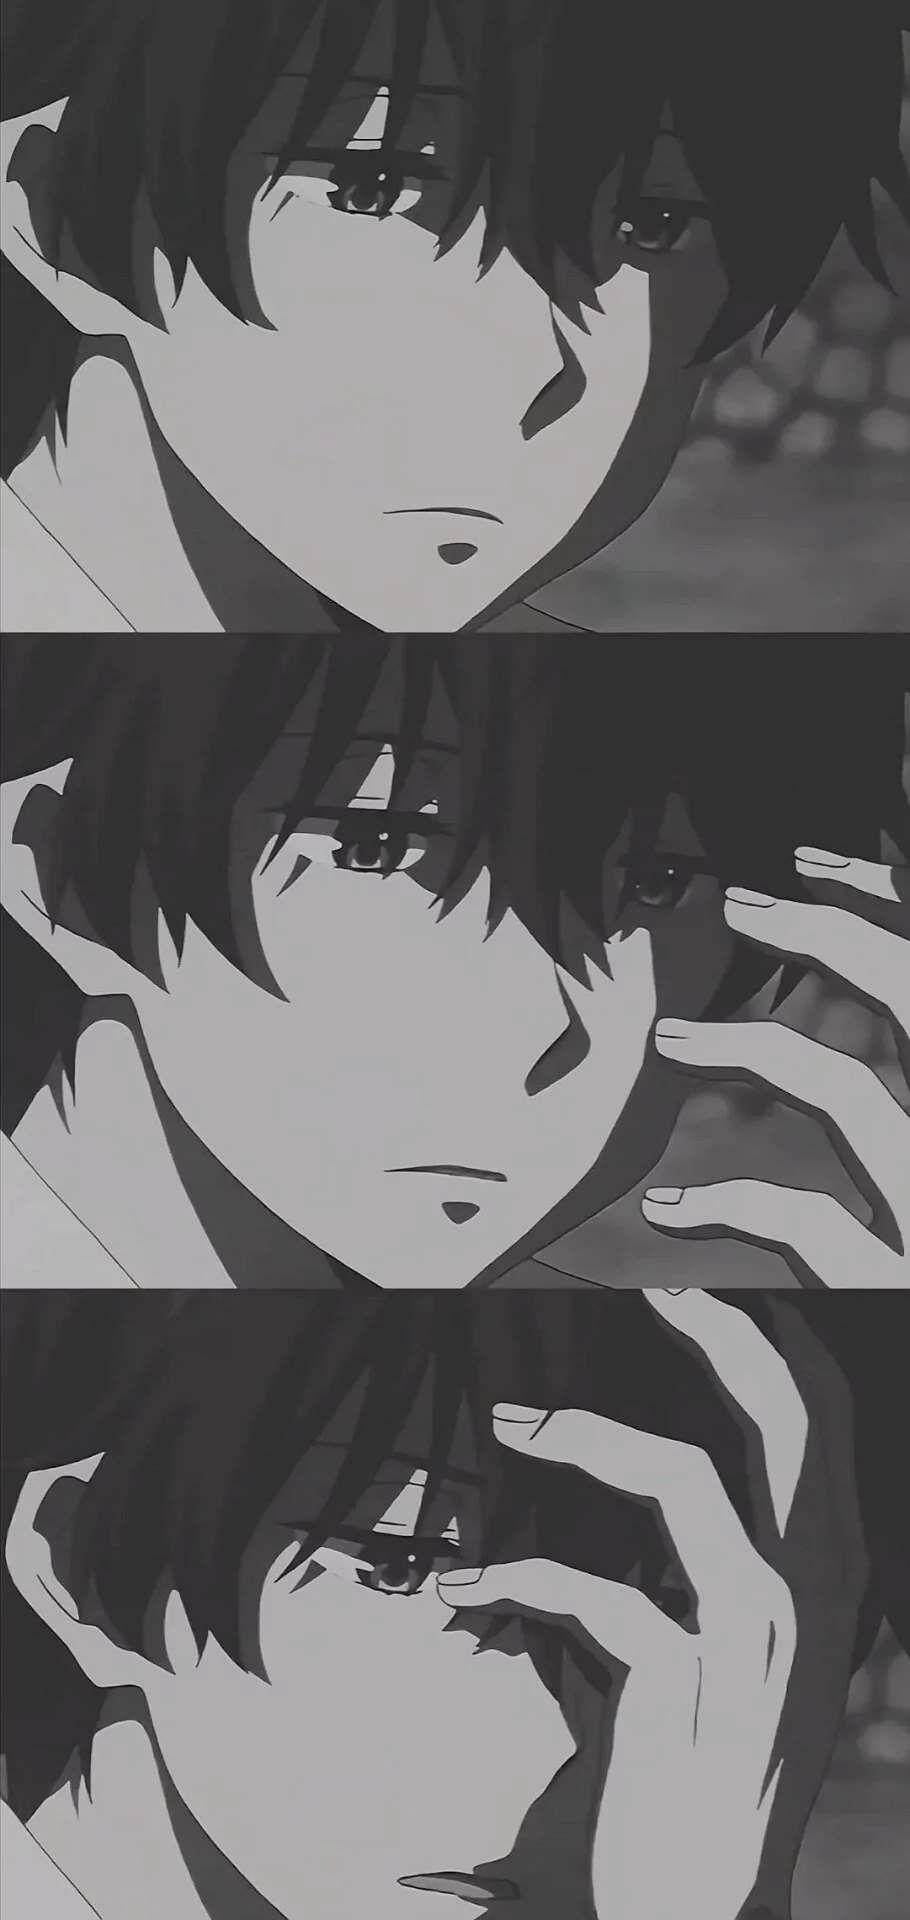 Anime wallpaper apk in 2020 anime anime wallpaper